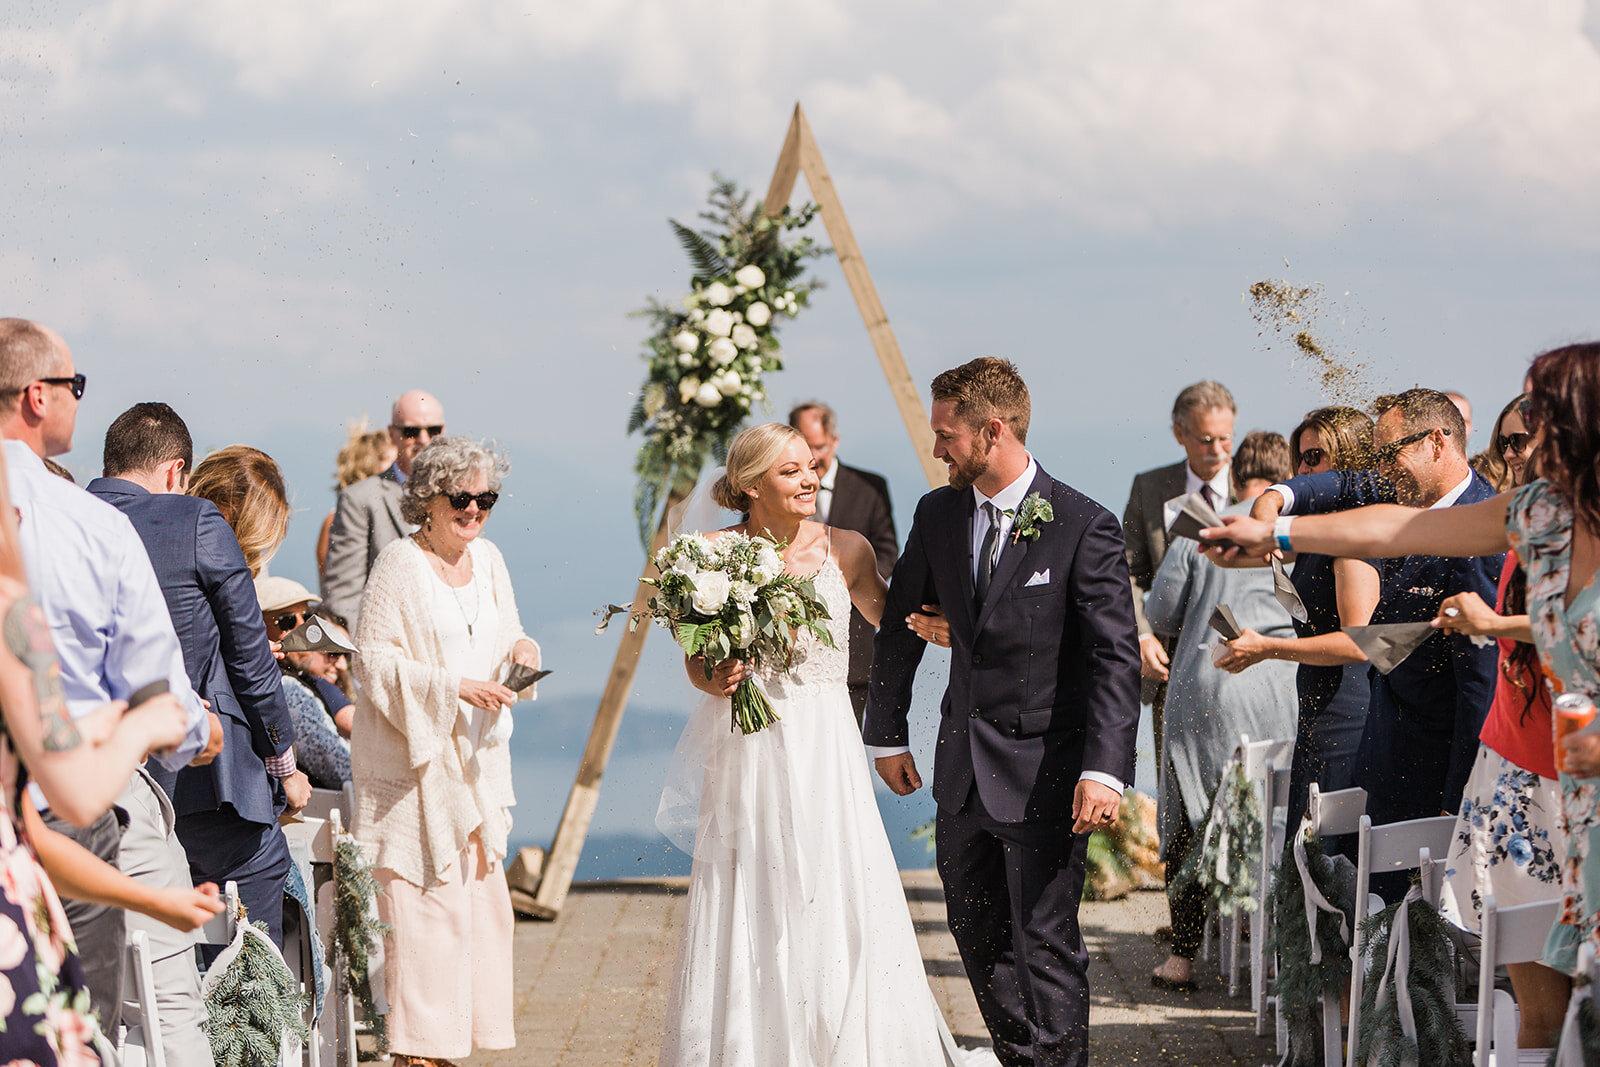 bride and groom newlyweds spokane weddinf